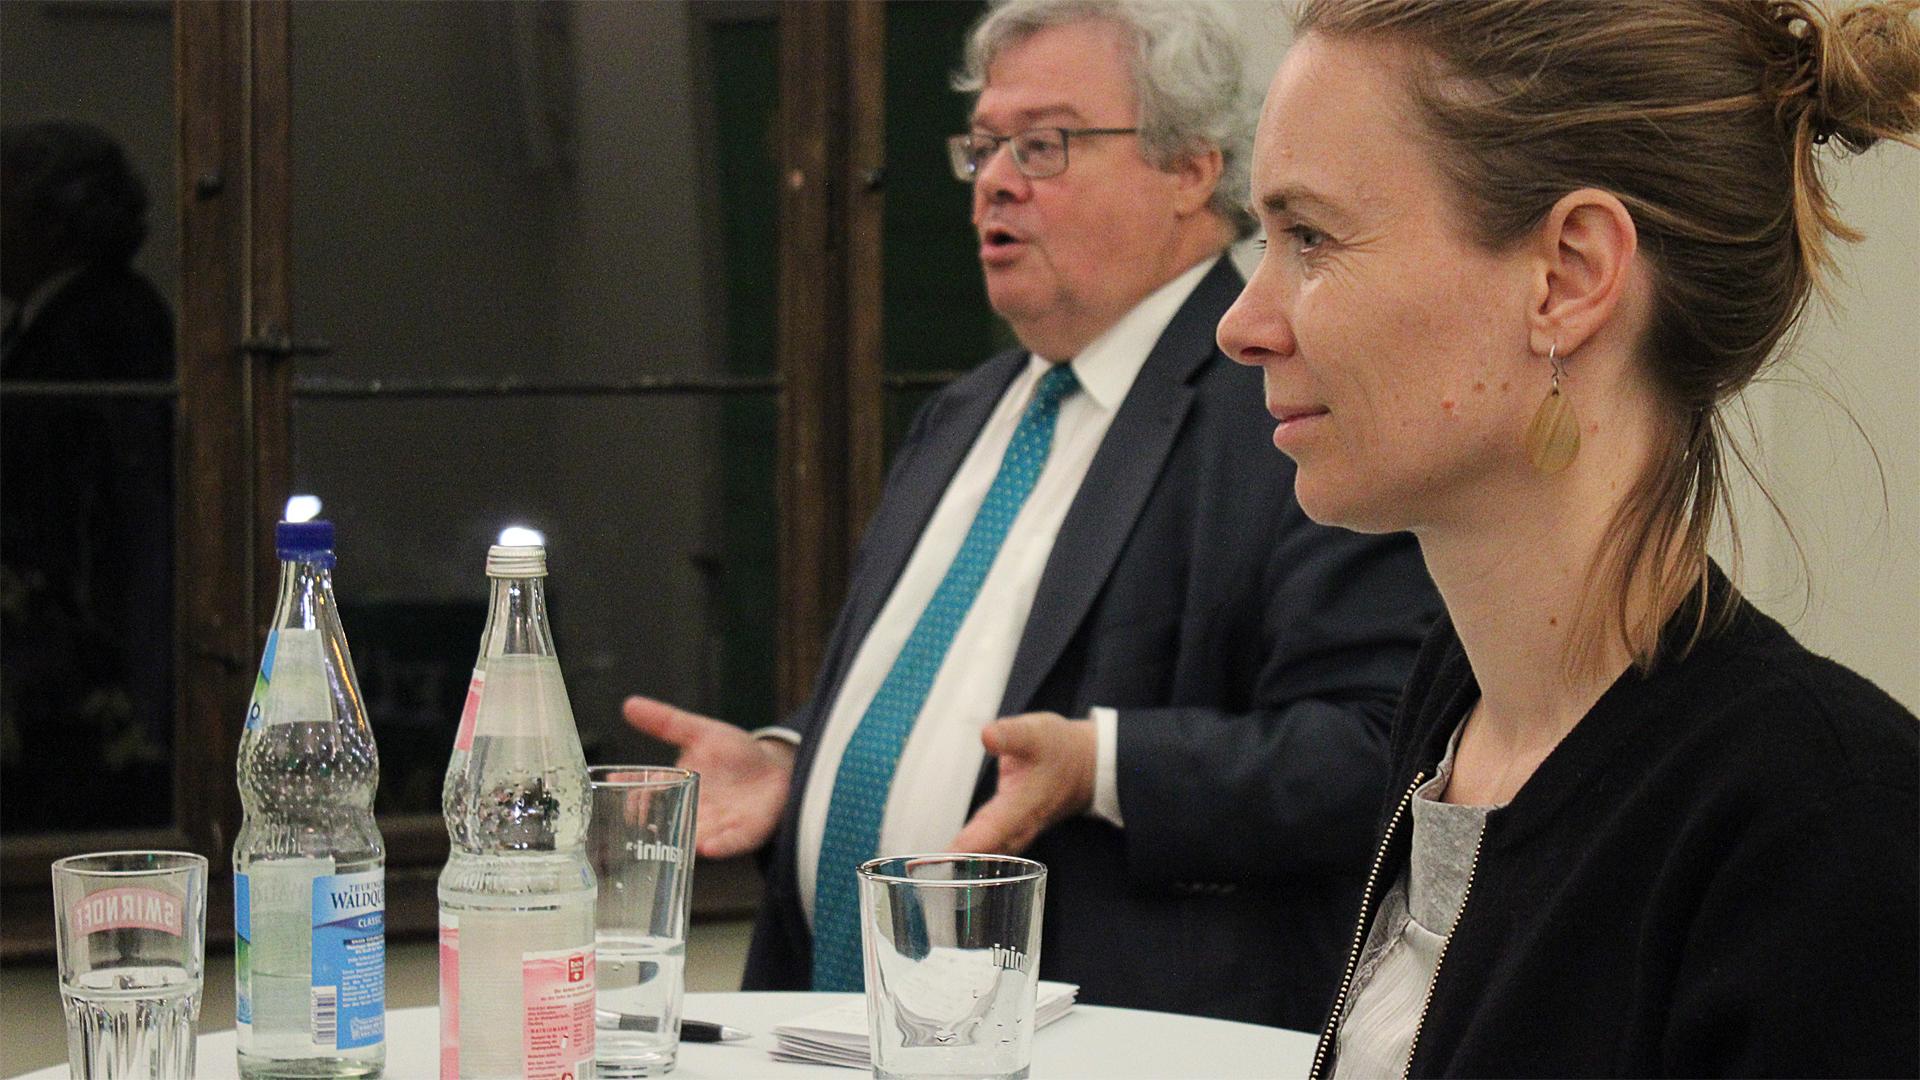 …und Europa zieht doch: Reinhard Bütikofer und Anna Cavazzini in Jena